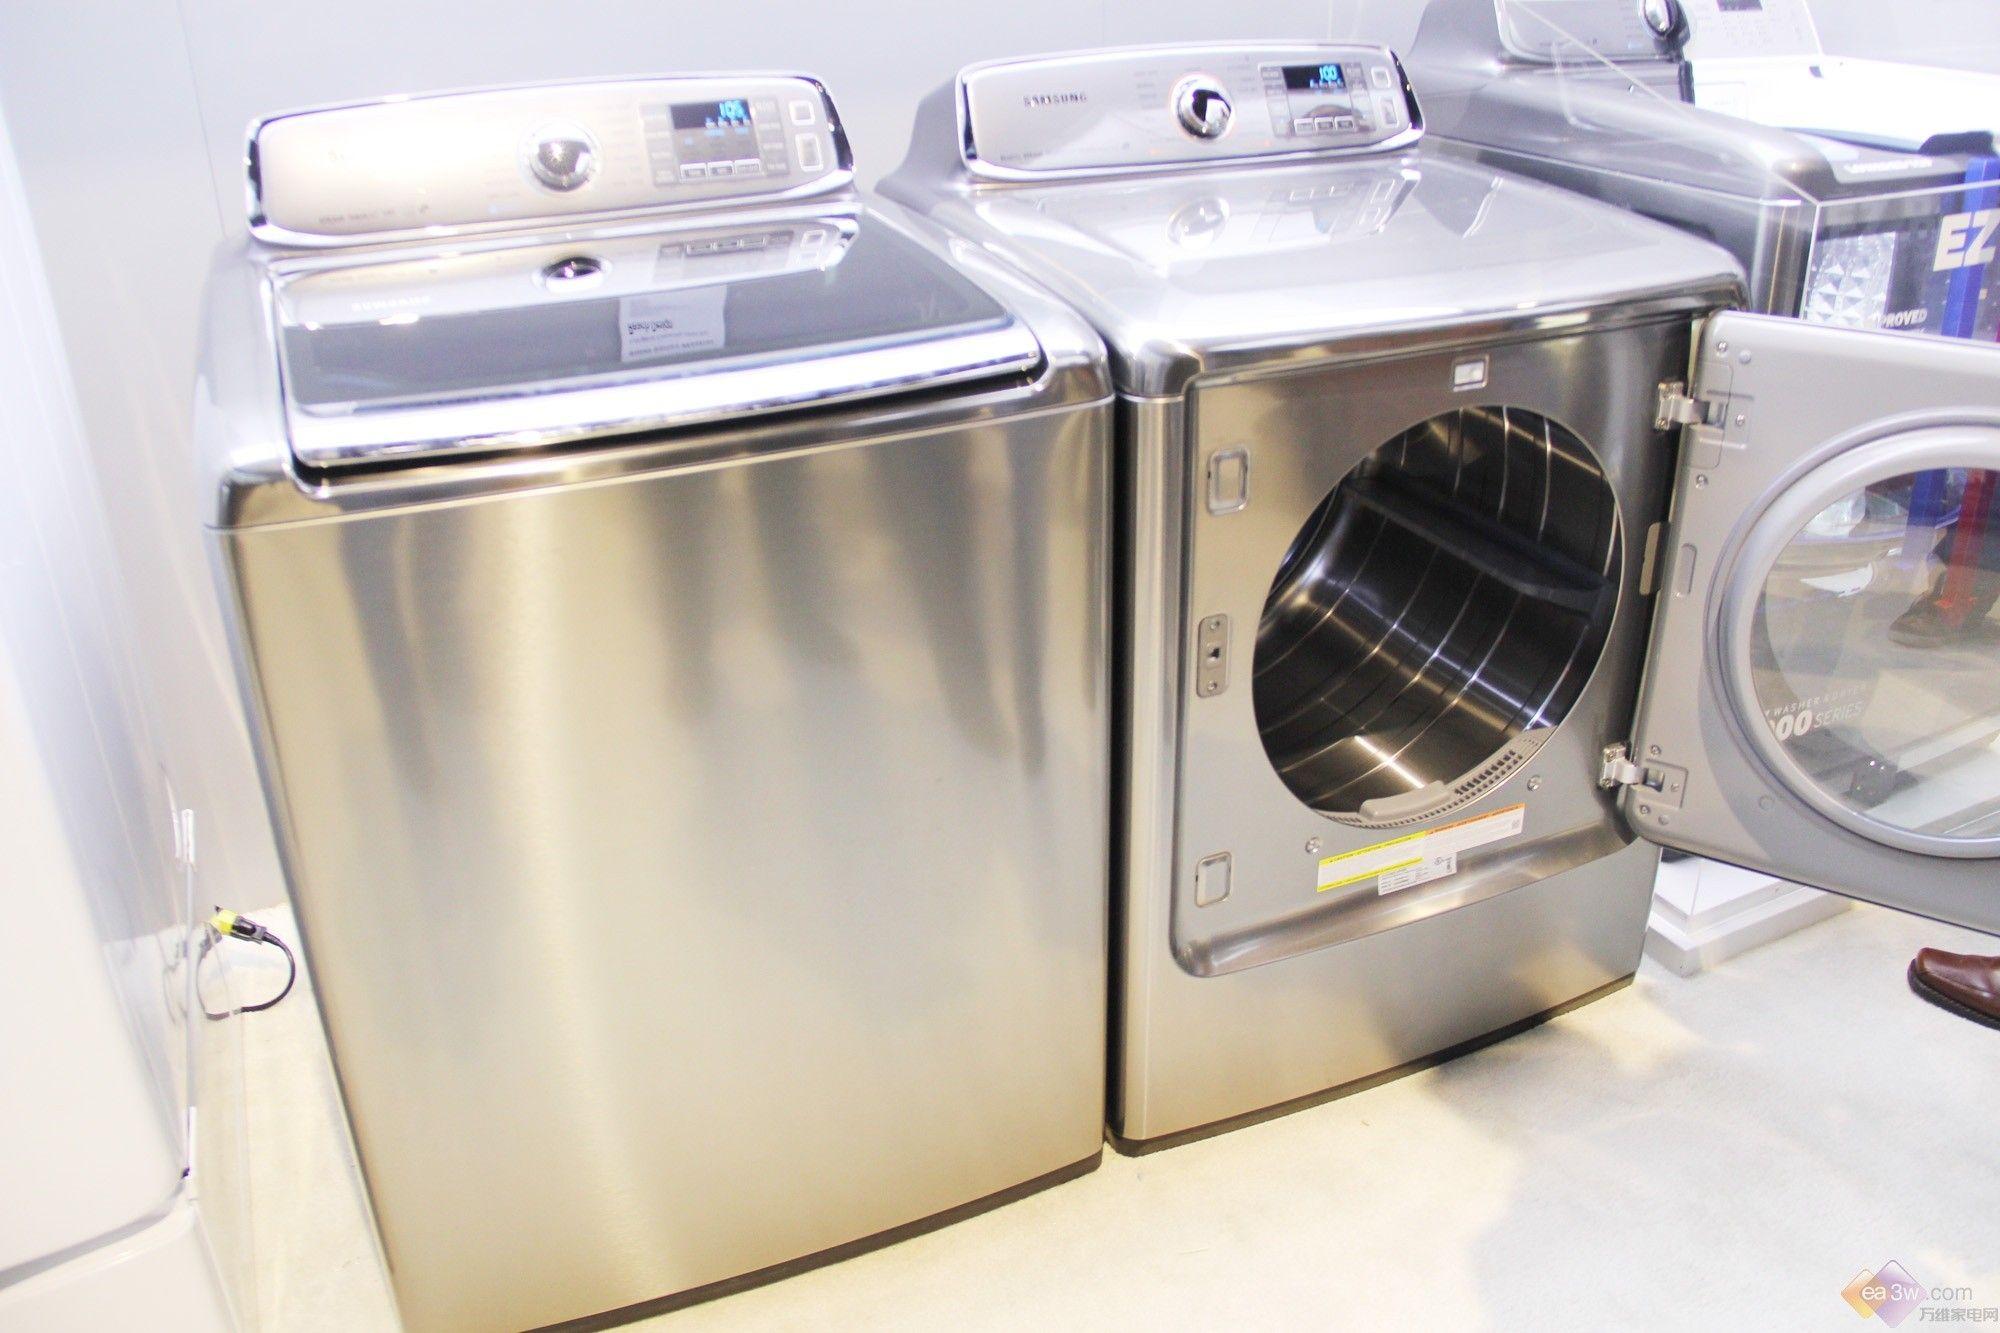 【万维家电网 美国拉斯维加斯报道】当地时间1月7日,北京时间1月8日,一年一度的CES盛宴在美国拉斯维加斯拉开序幕,包含了IT、家电以及新型的科技产品。三星在此次2014CES展会上带来了众多智能家电产品,在冰箱方面,此次展会三星带来了WF9000滚筒式洗衣干衣组合以及WA9000波轮式洗衣干衣组合。  三星WF9000滚筒式洗衣干衣组合拥有惊人的超大容量,约25kg洗涤容量(约160升)的洗衣筒和超大容量的烘干筒(约270升),使消费者能够轻松应对大量的洗涤工作。比如,同时清洗2张特大号棉被,使用WF9